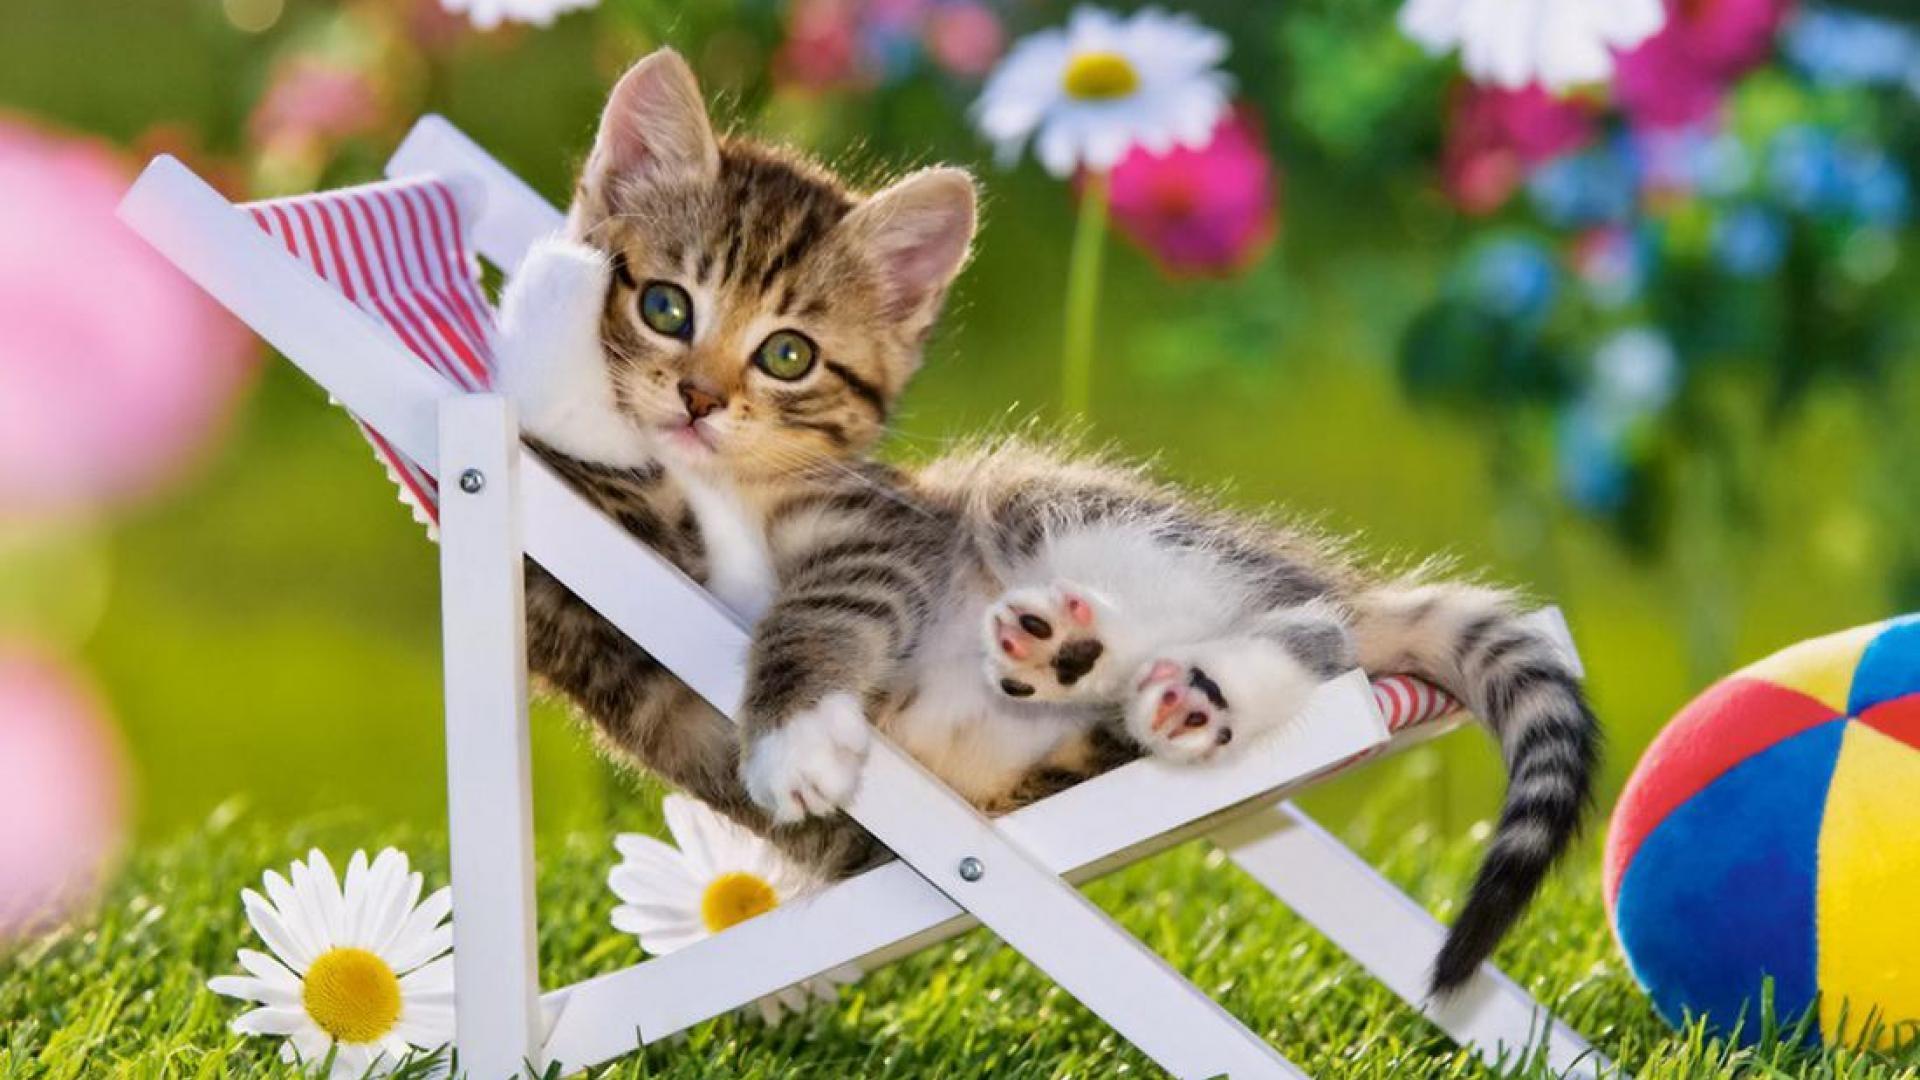 35+] Summer Cat Wallpaper Images on WallpaperSafari